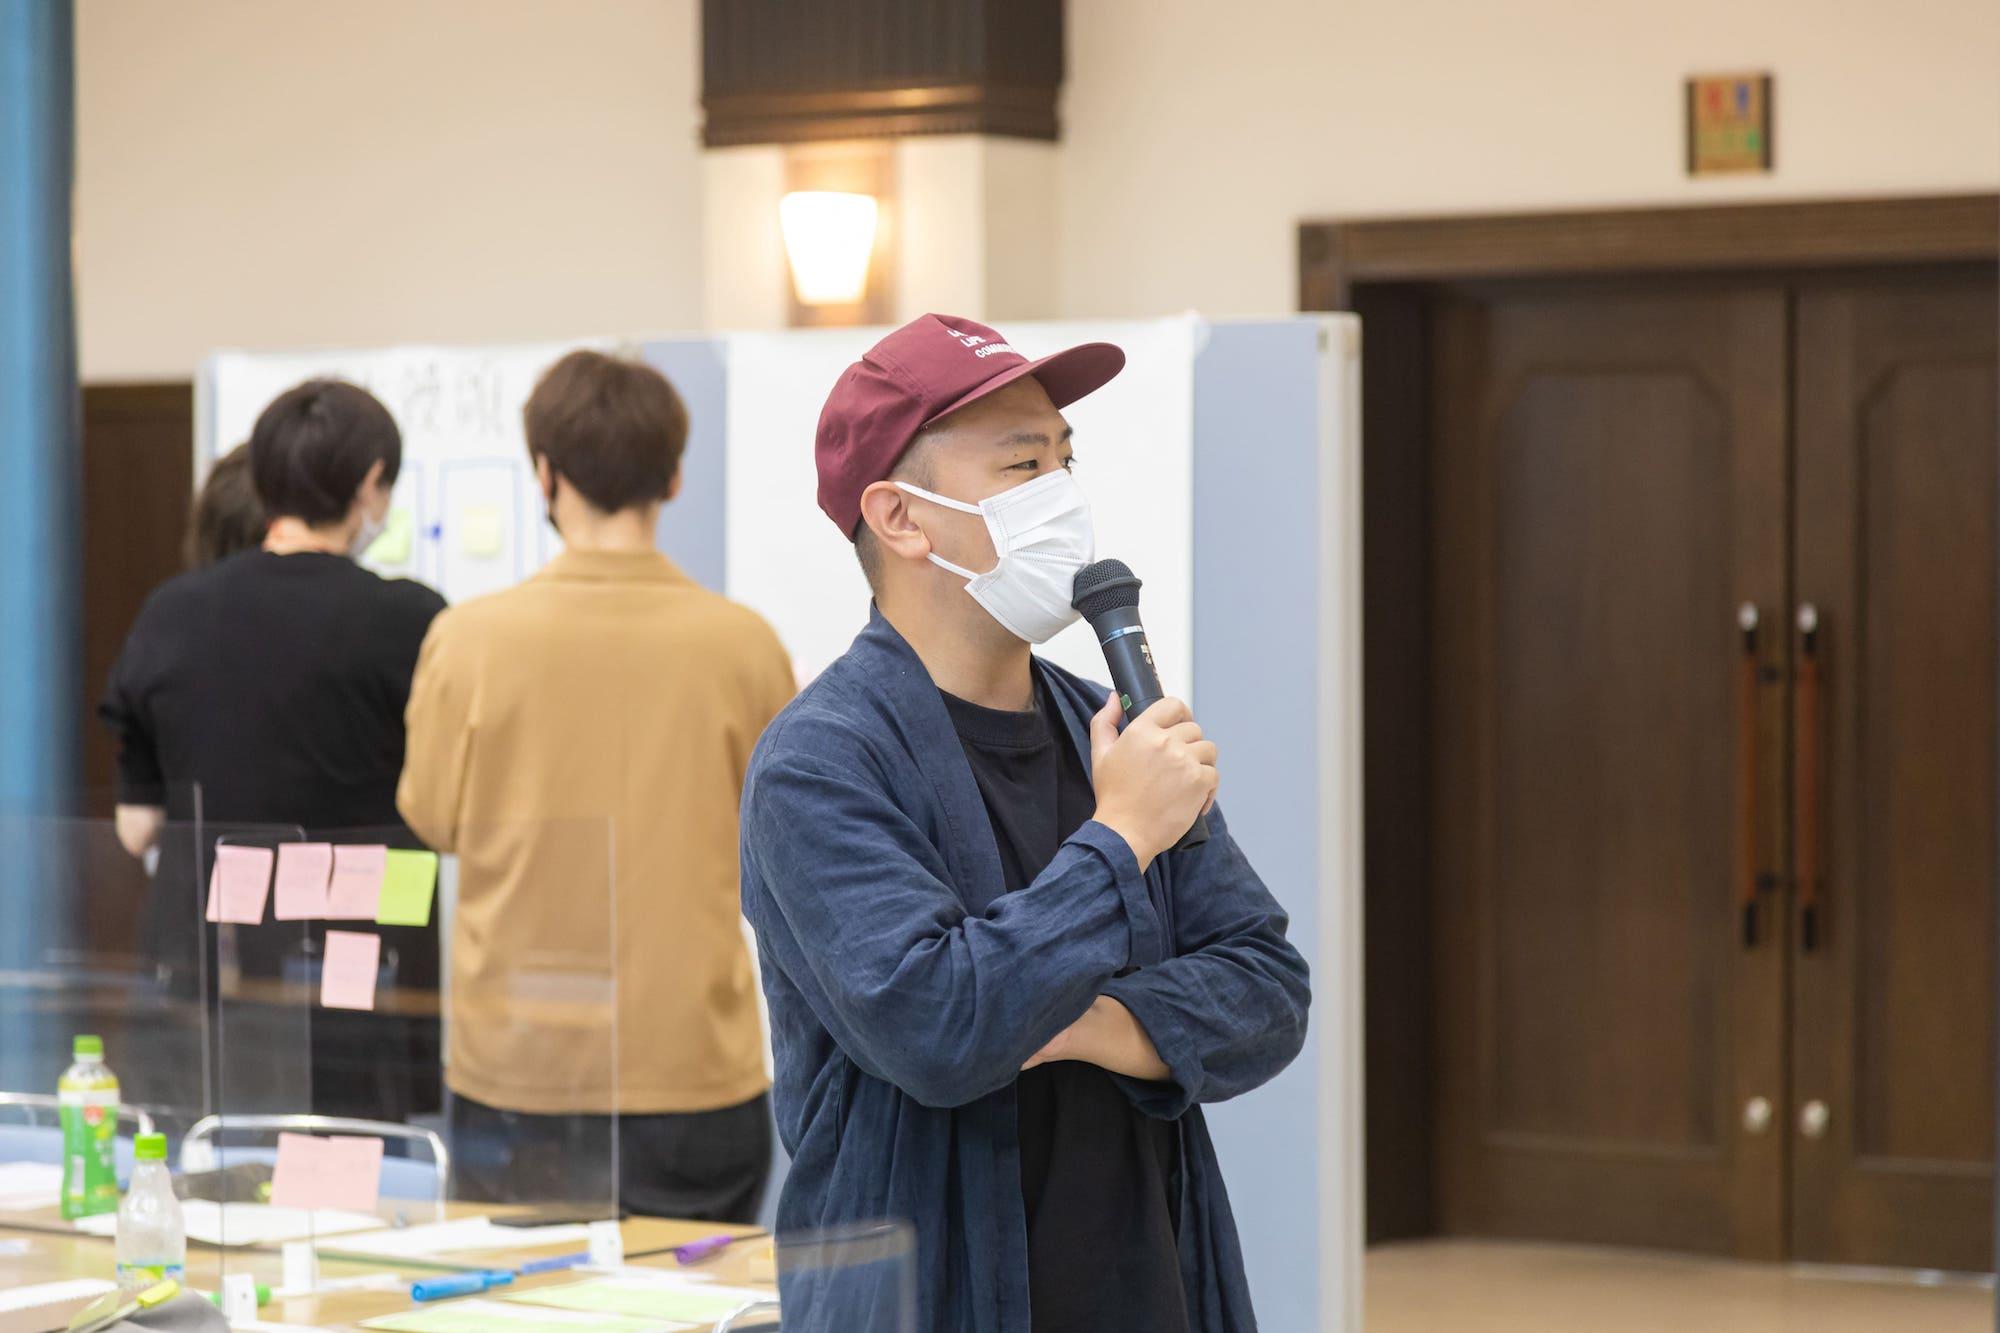 柴田さんもアドバイスしてまわりながら、ワークをサポートしています。